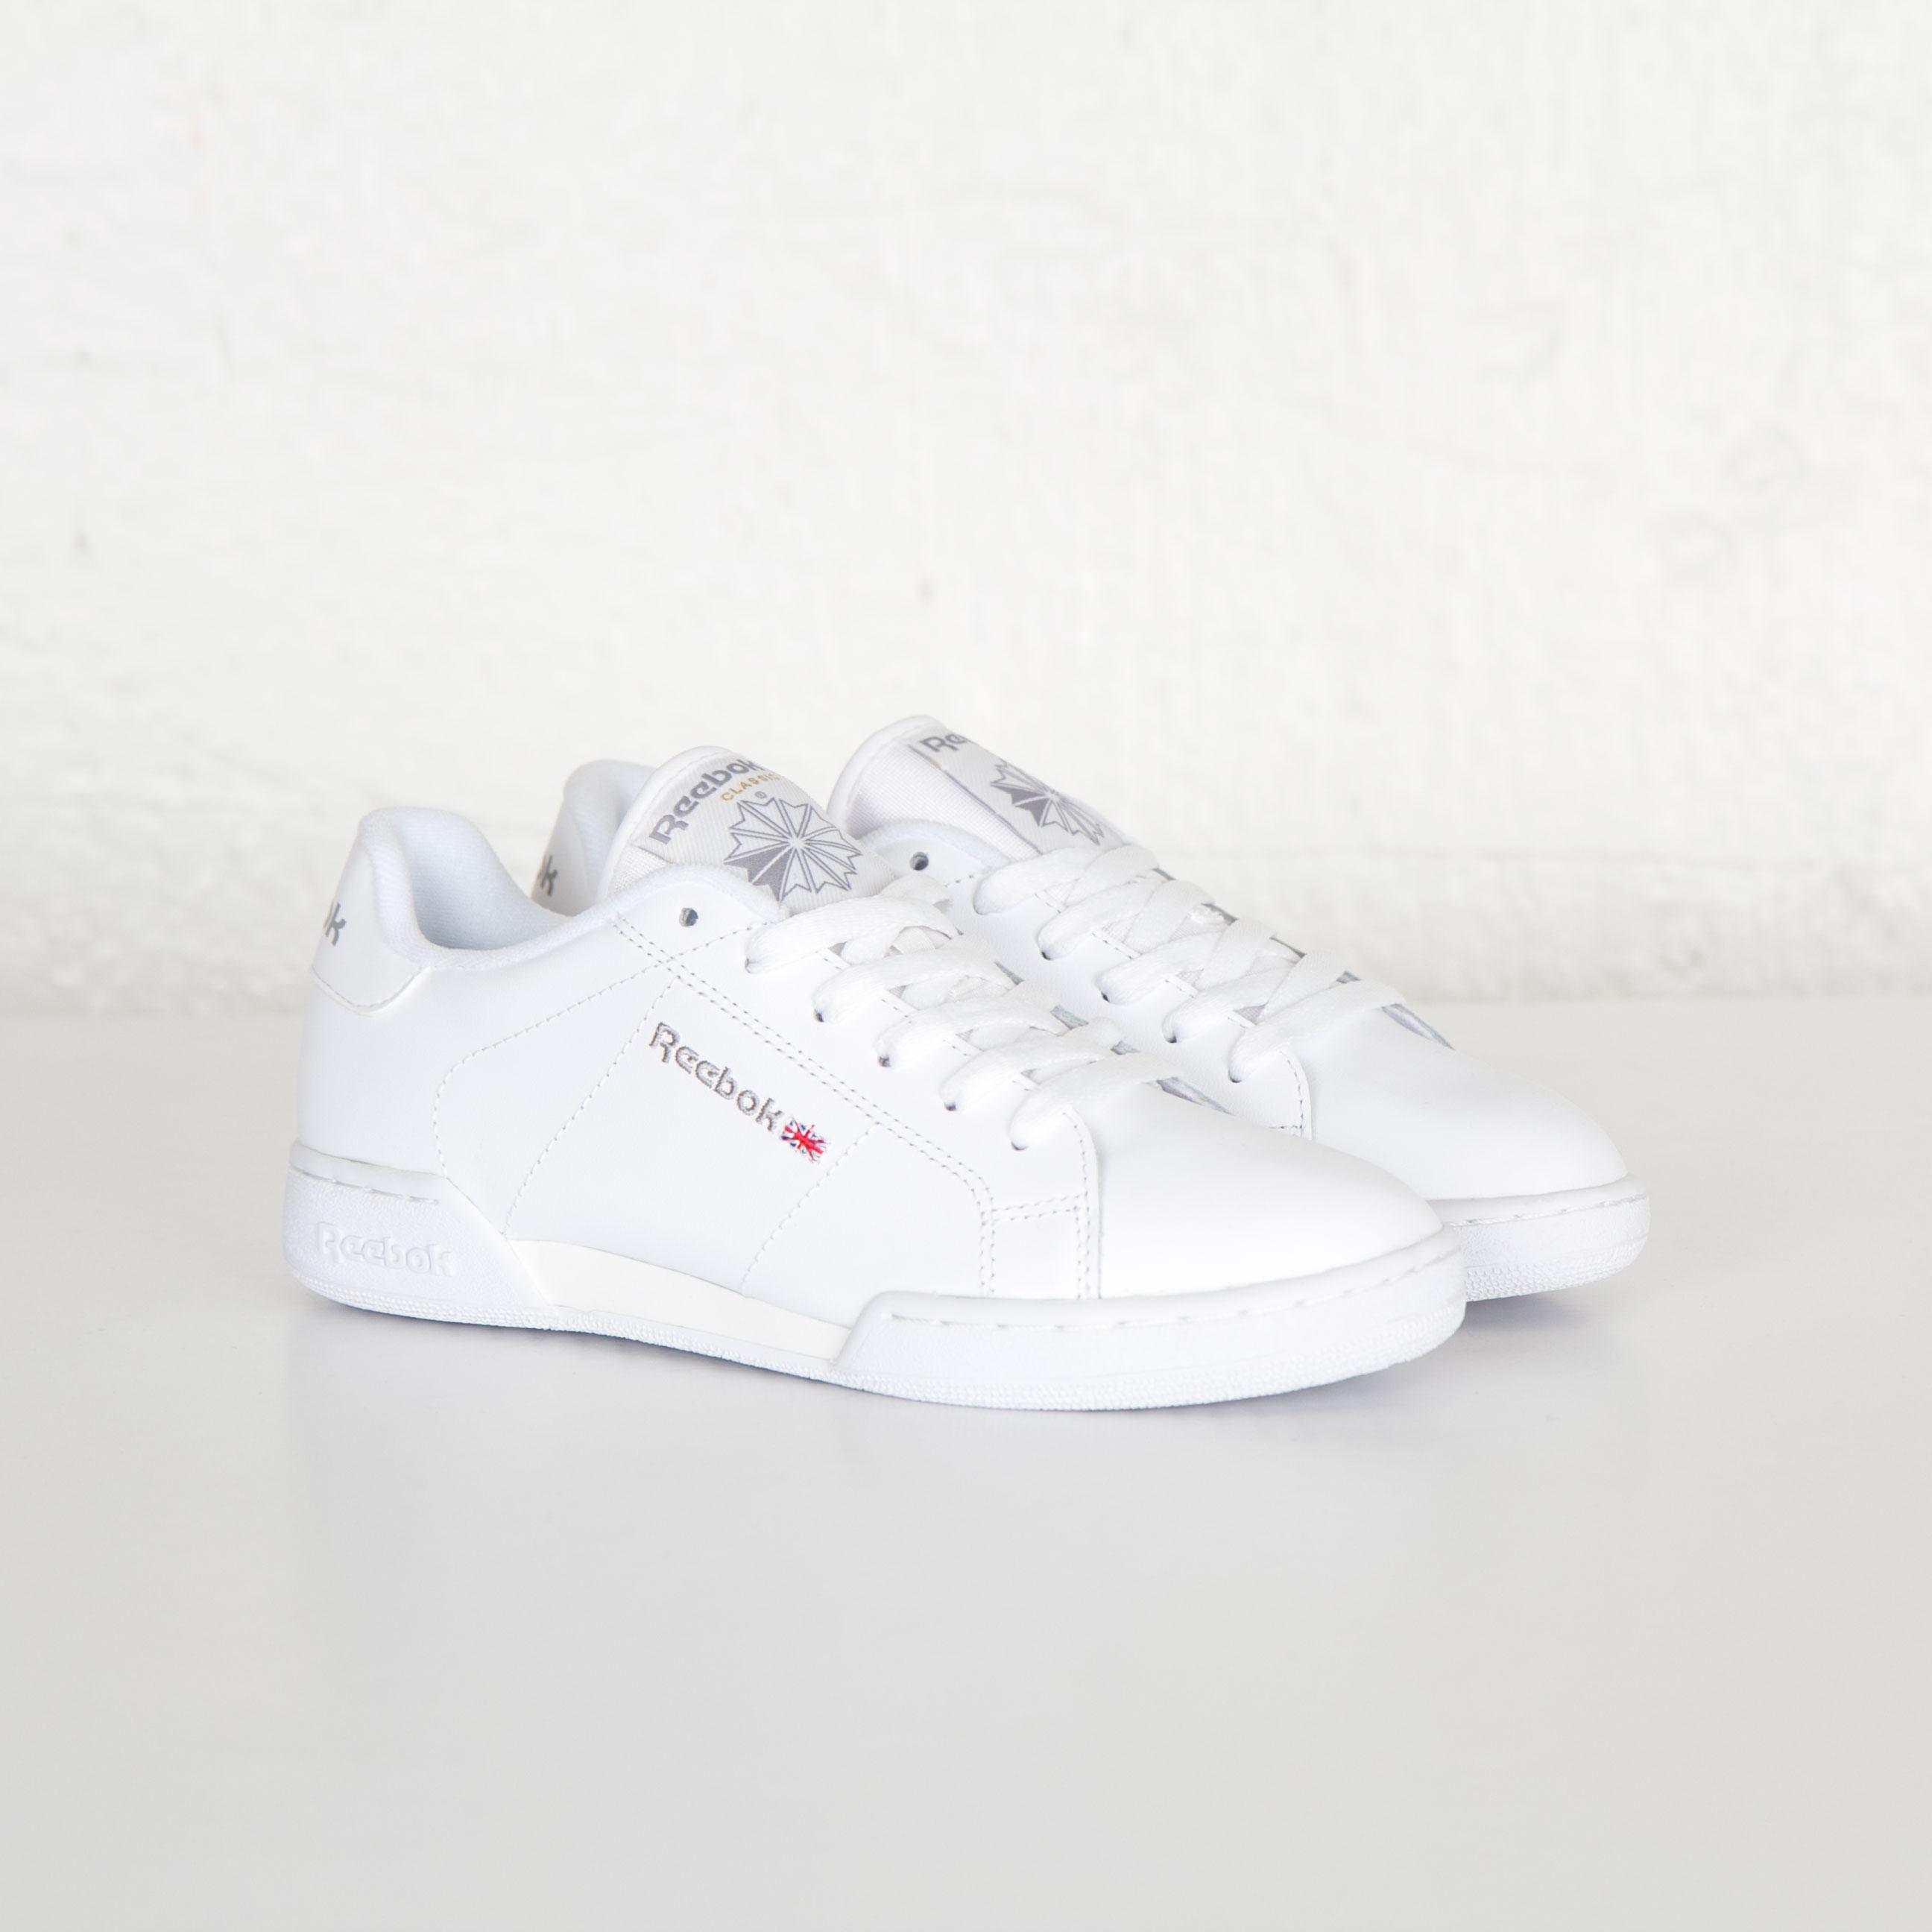 62de3fef21d51 Reebok NPC II NE - V68239 - Sneakersnstuff